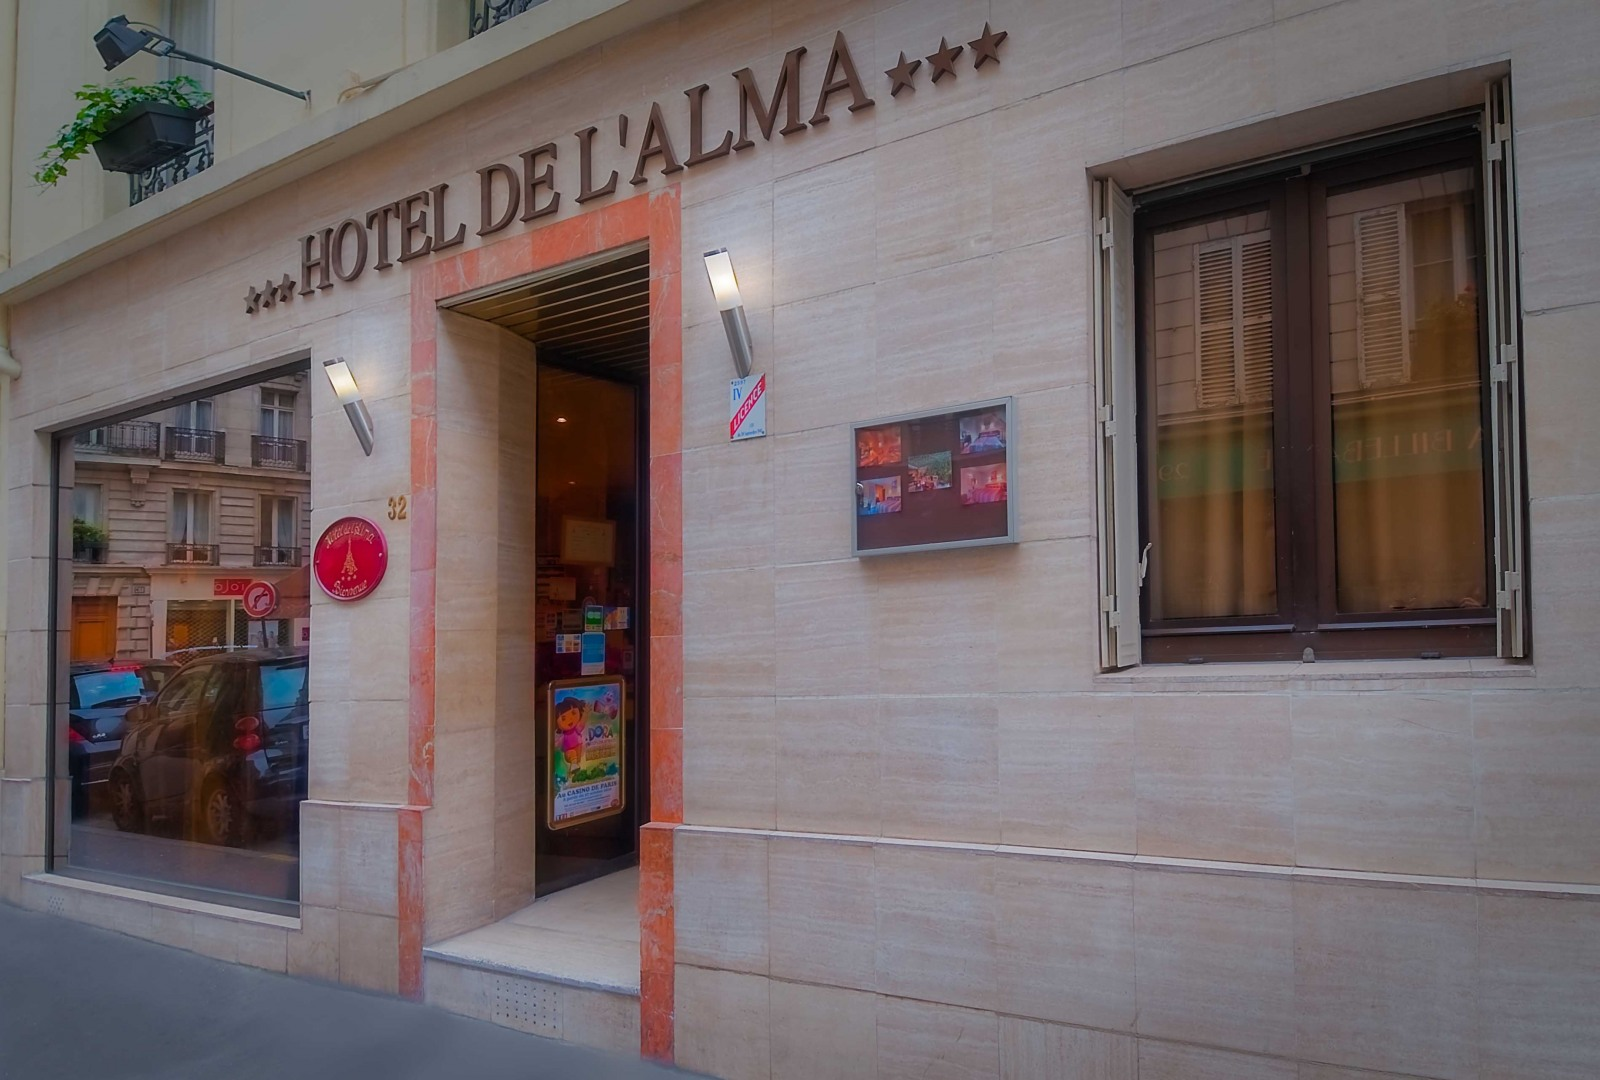 Hôtel de l'Alma - Servizi